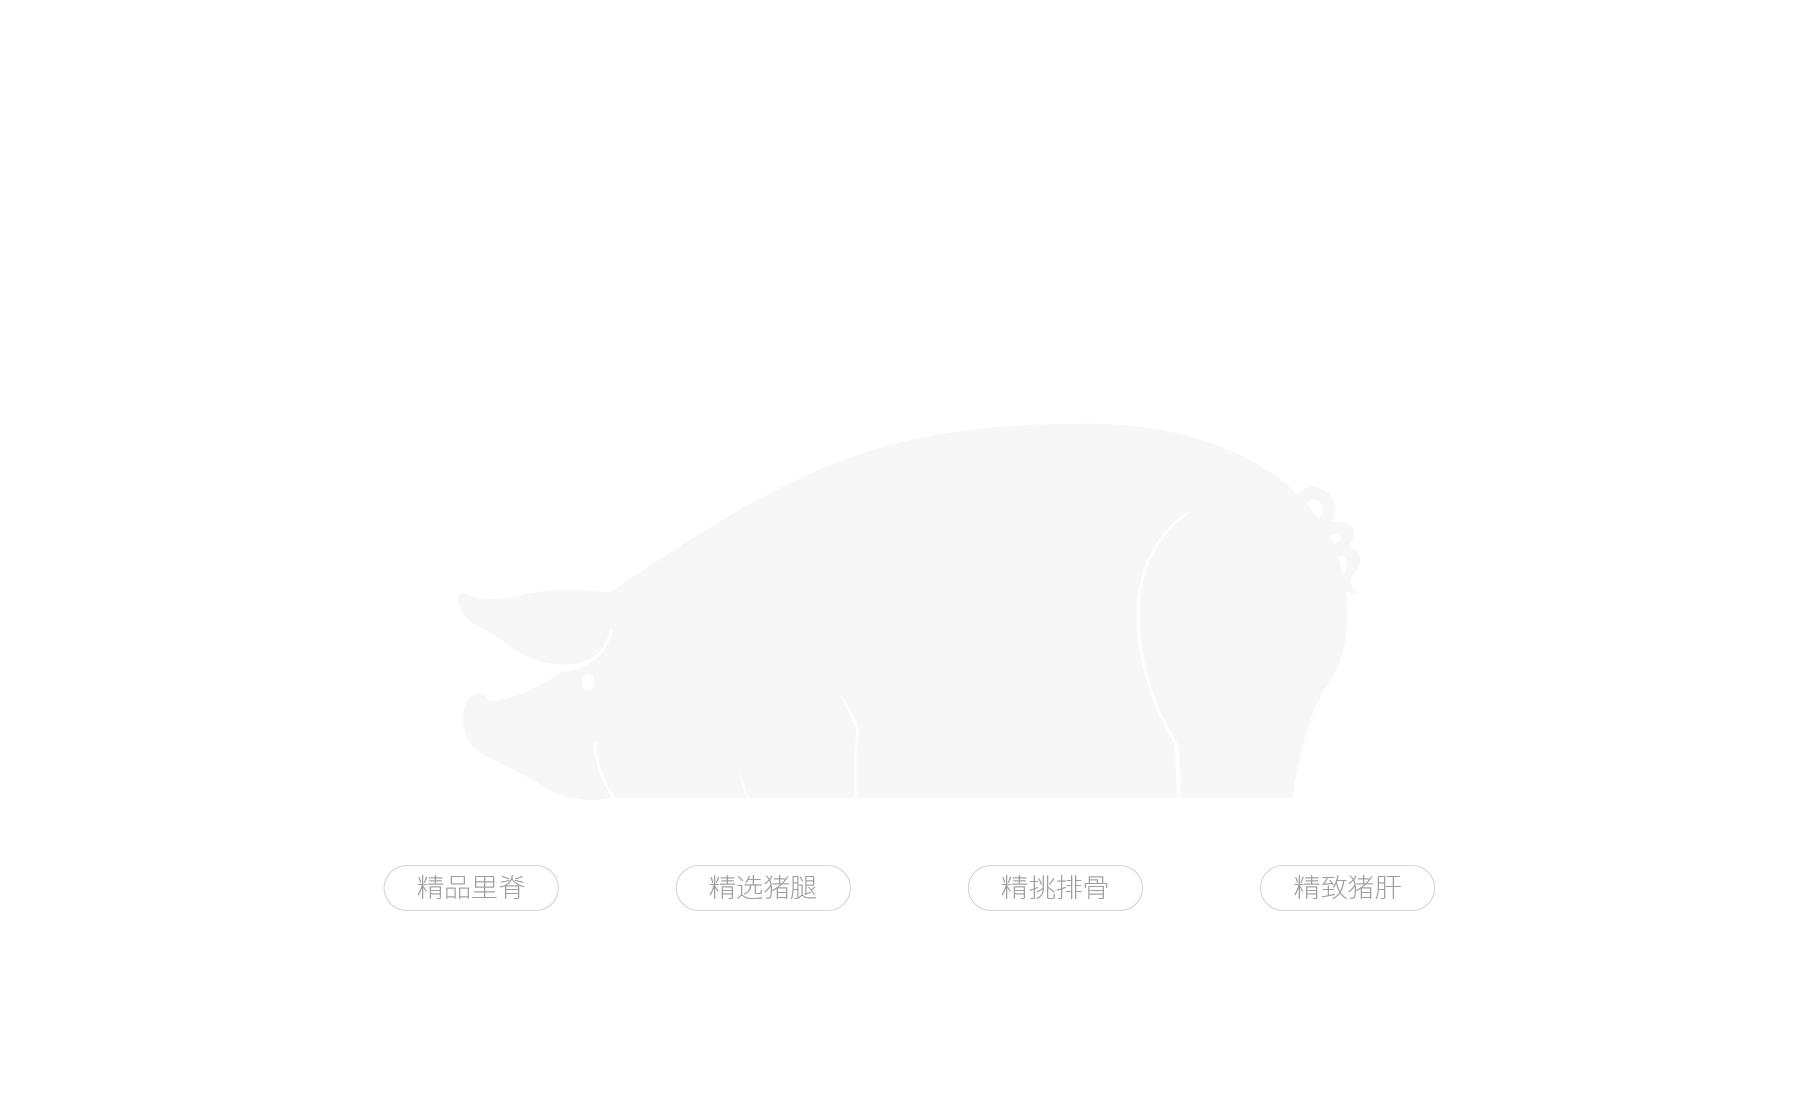 网站案例-草野香猪-07.jpg